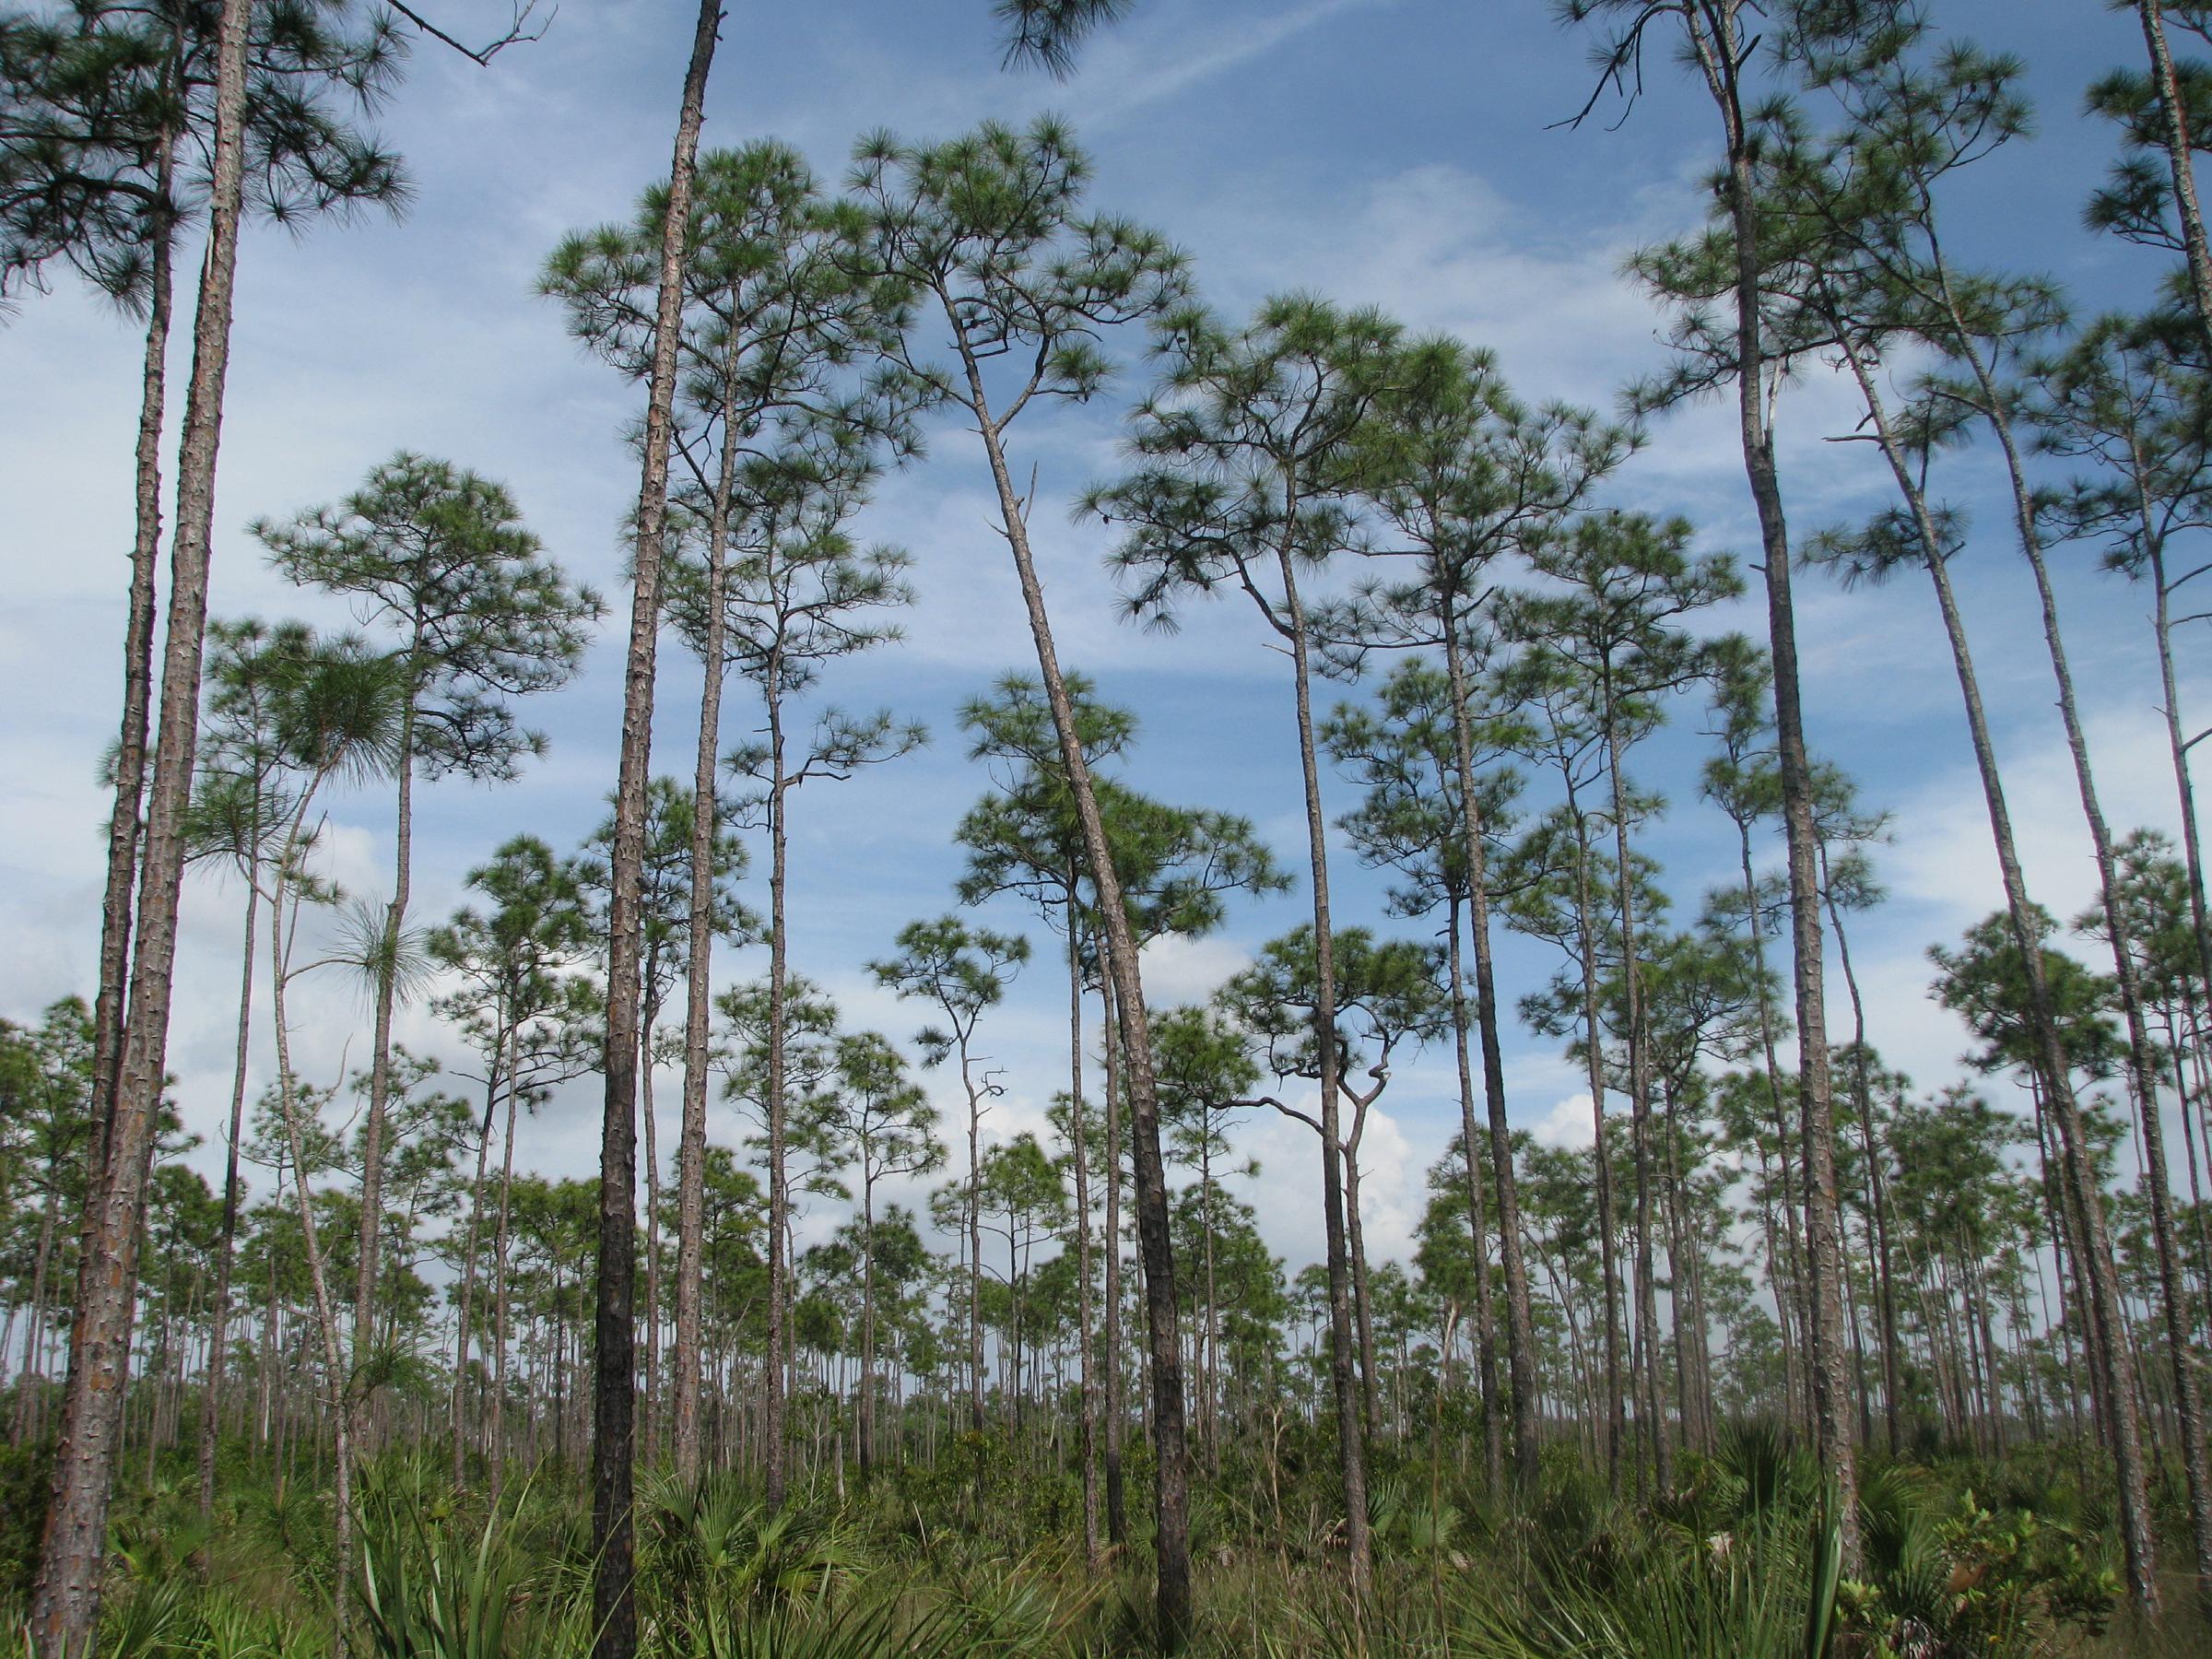 Everglades_Pinelands.jpg